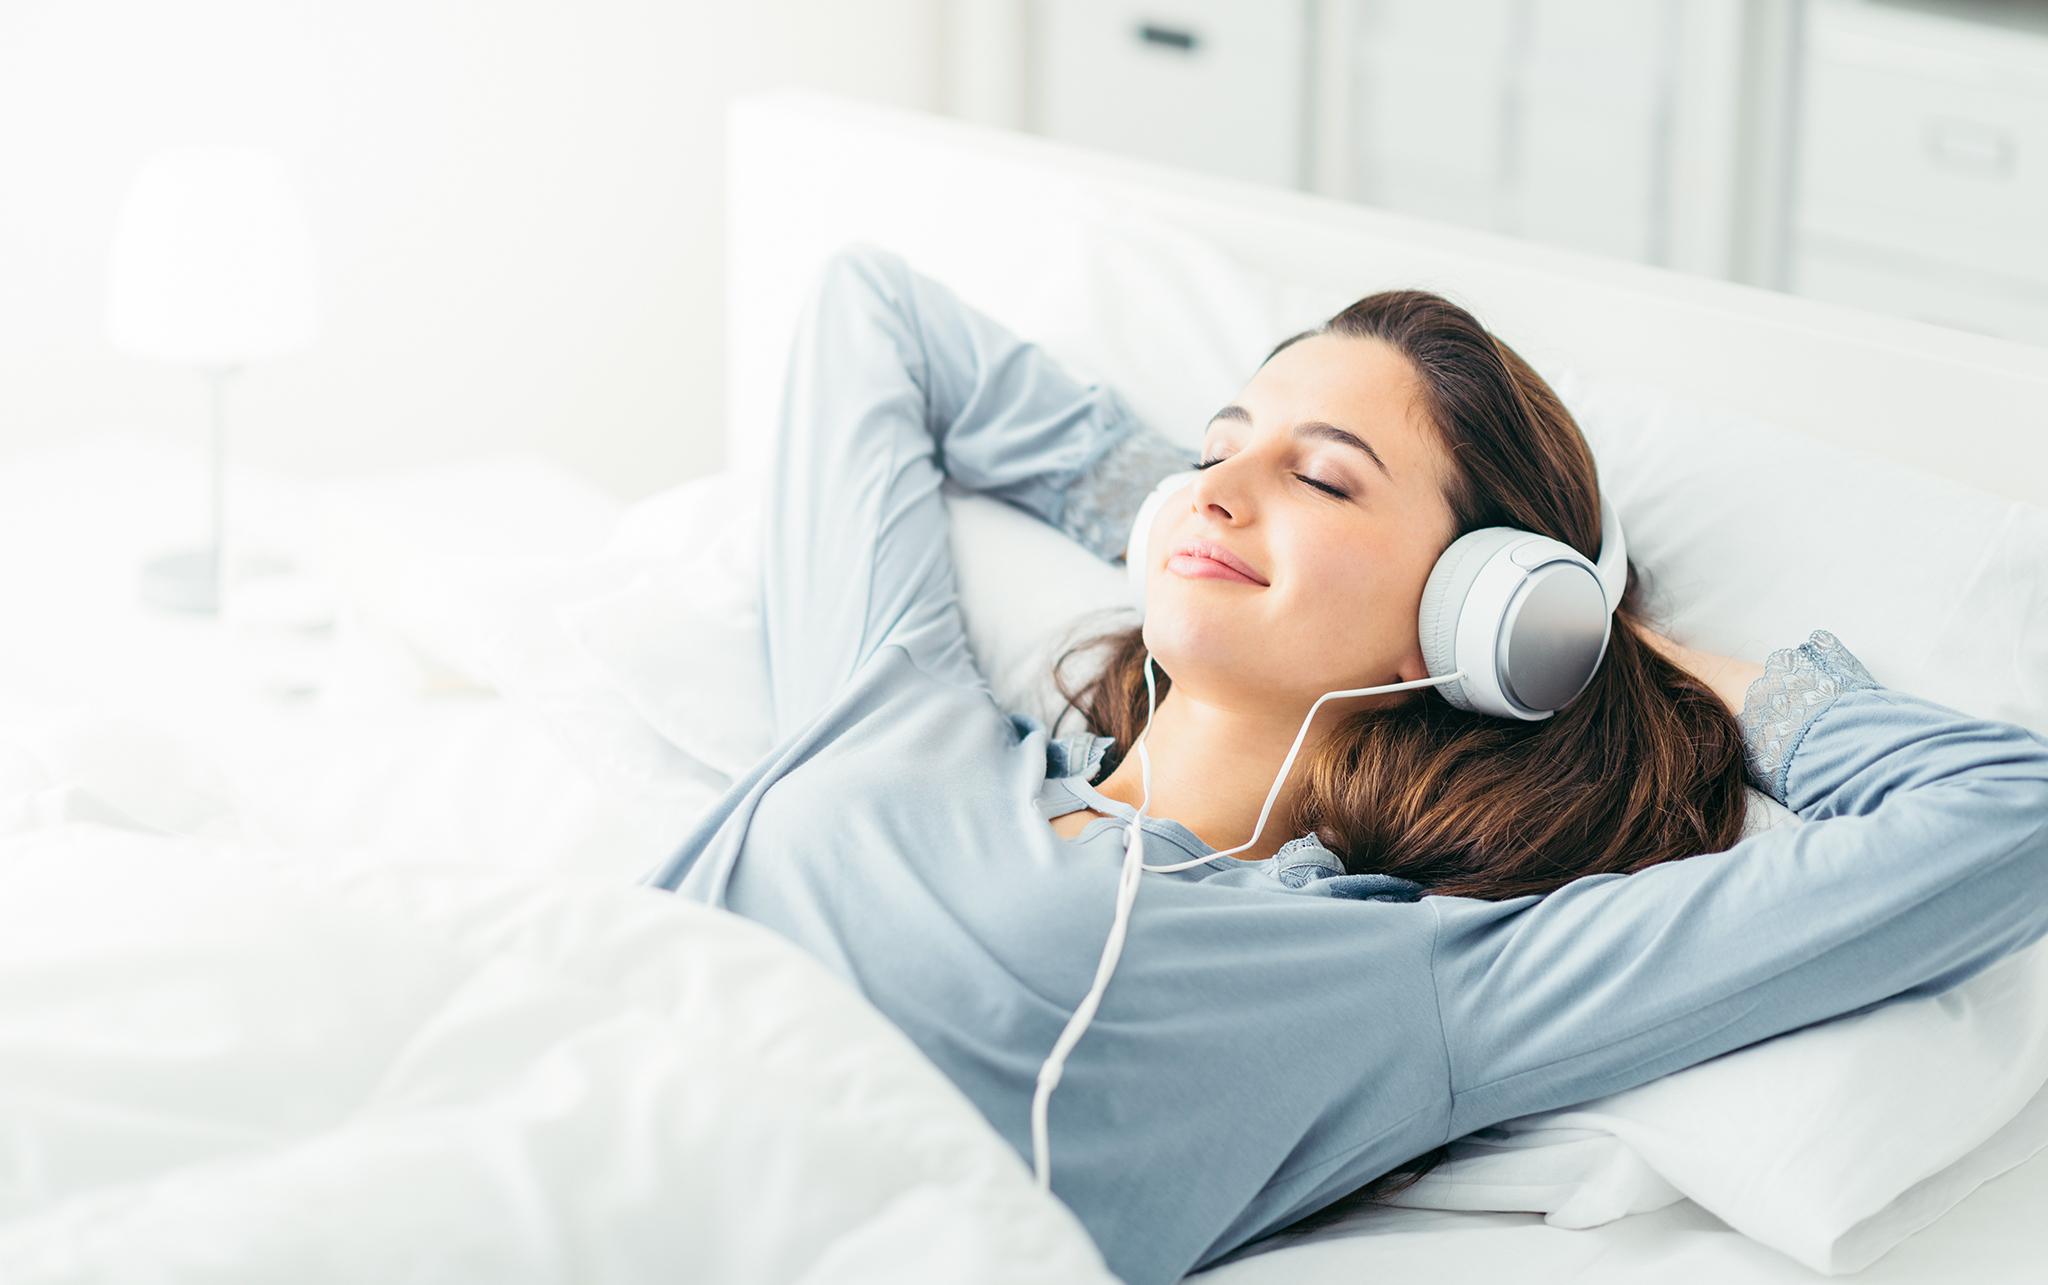 listening to meditation